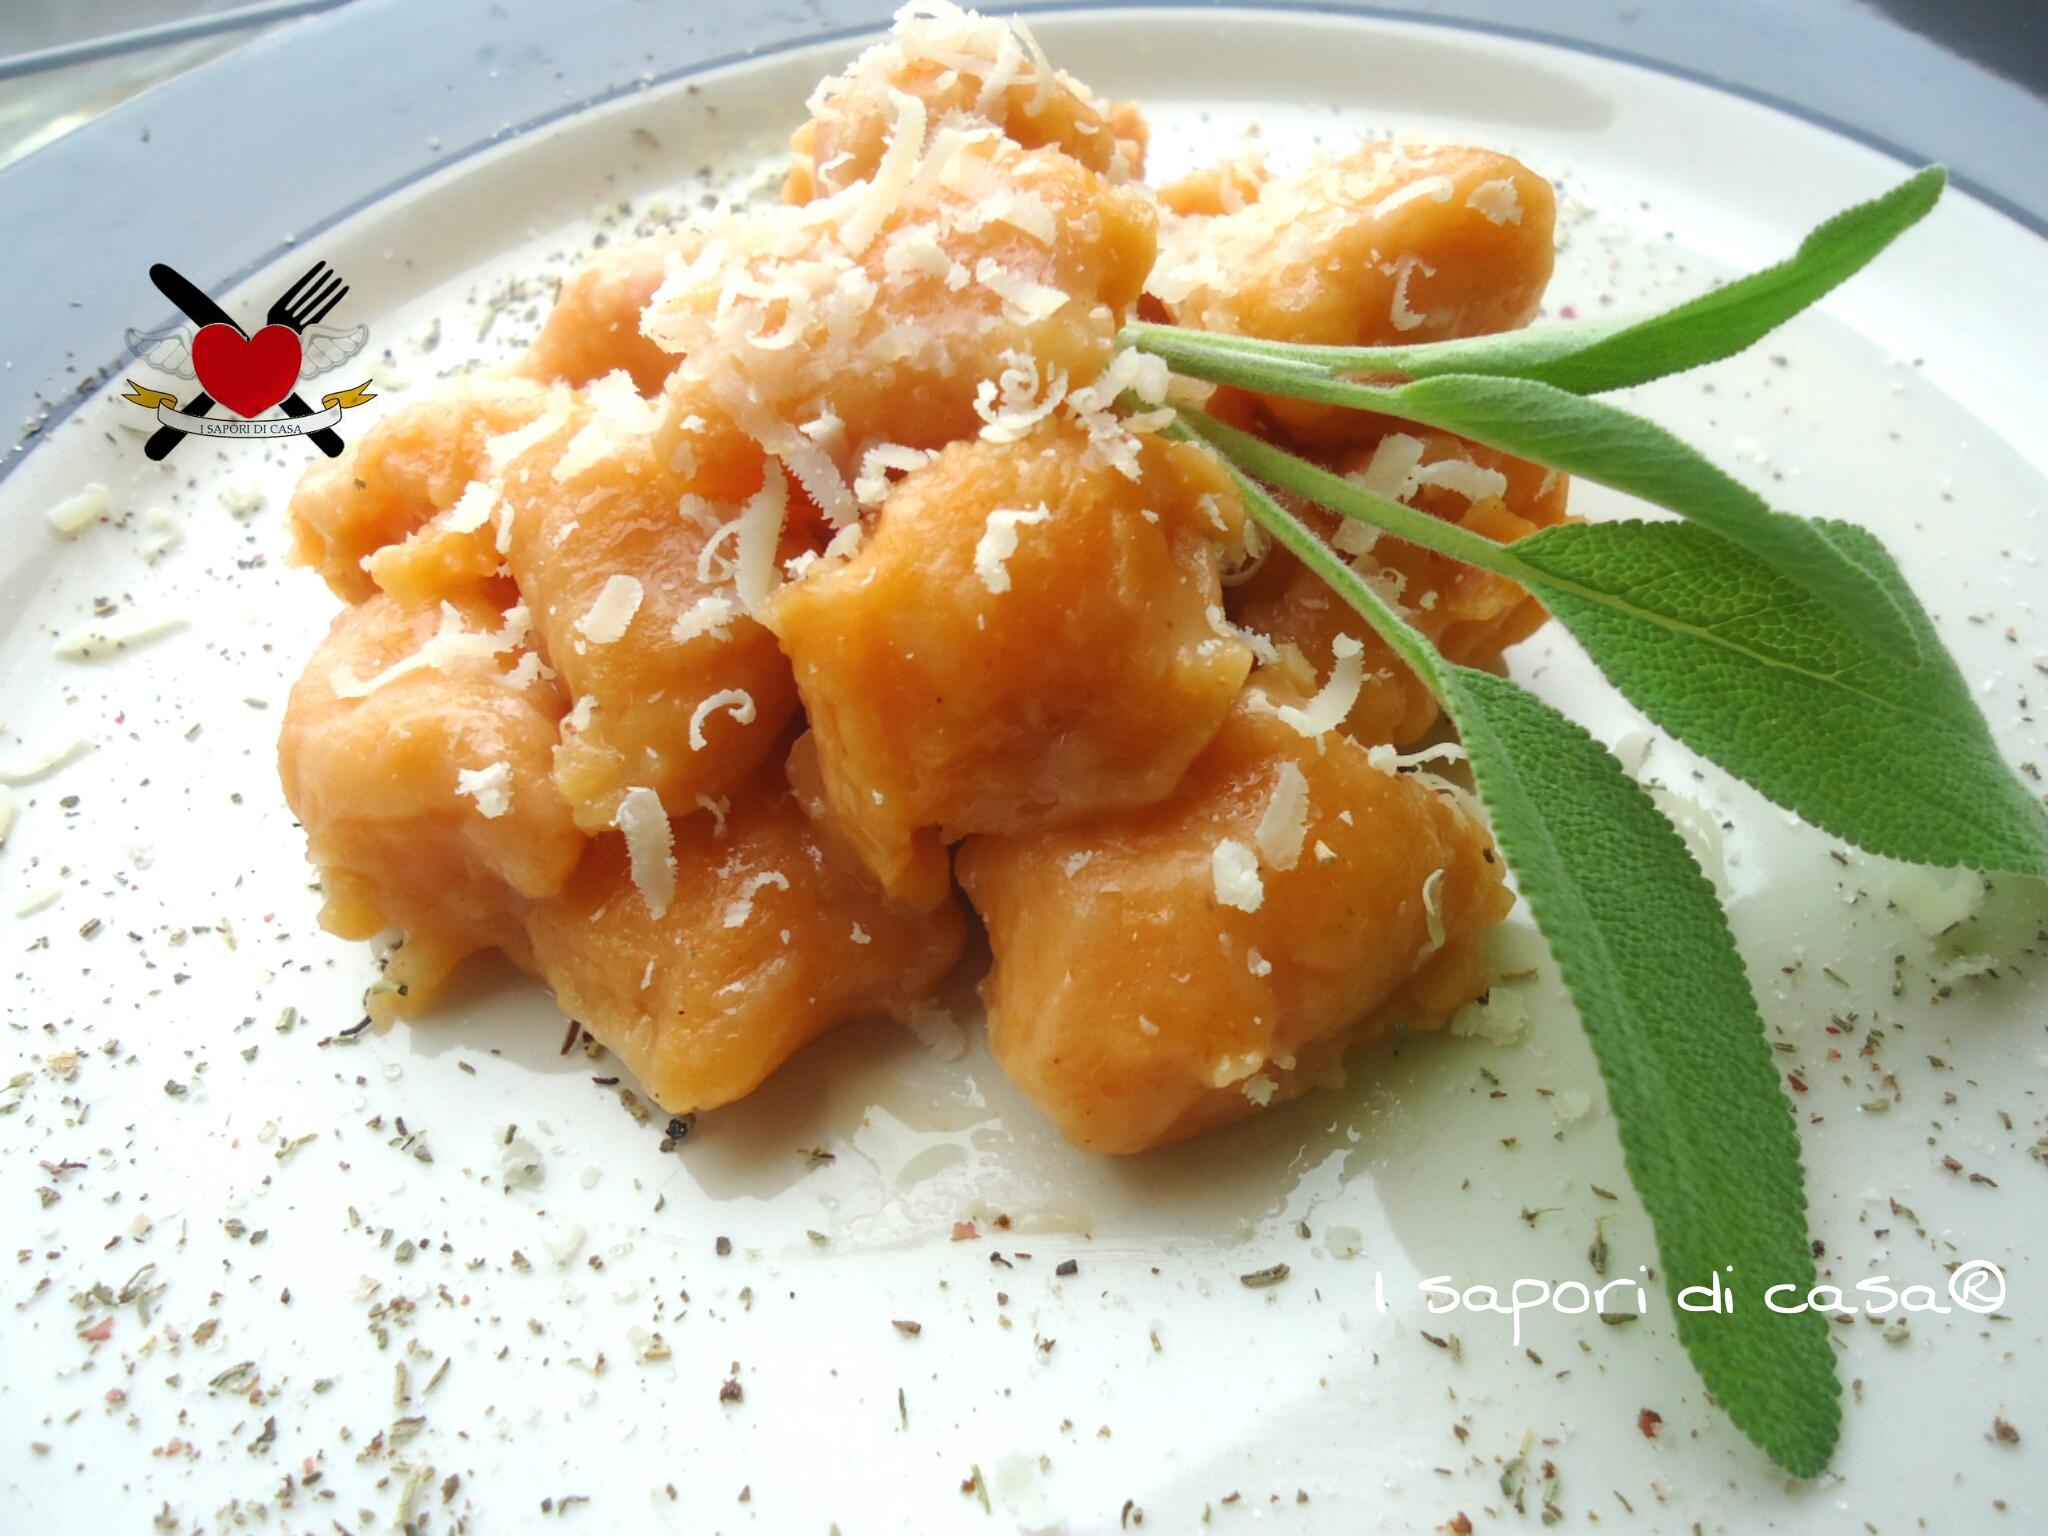 Gnocchi di farina al parmigiano e prosciutto cotto con burro fuso e salvia